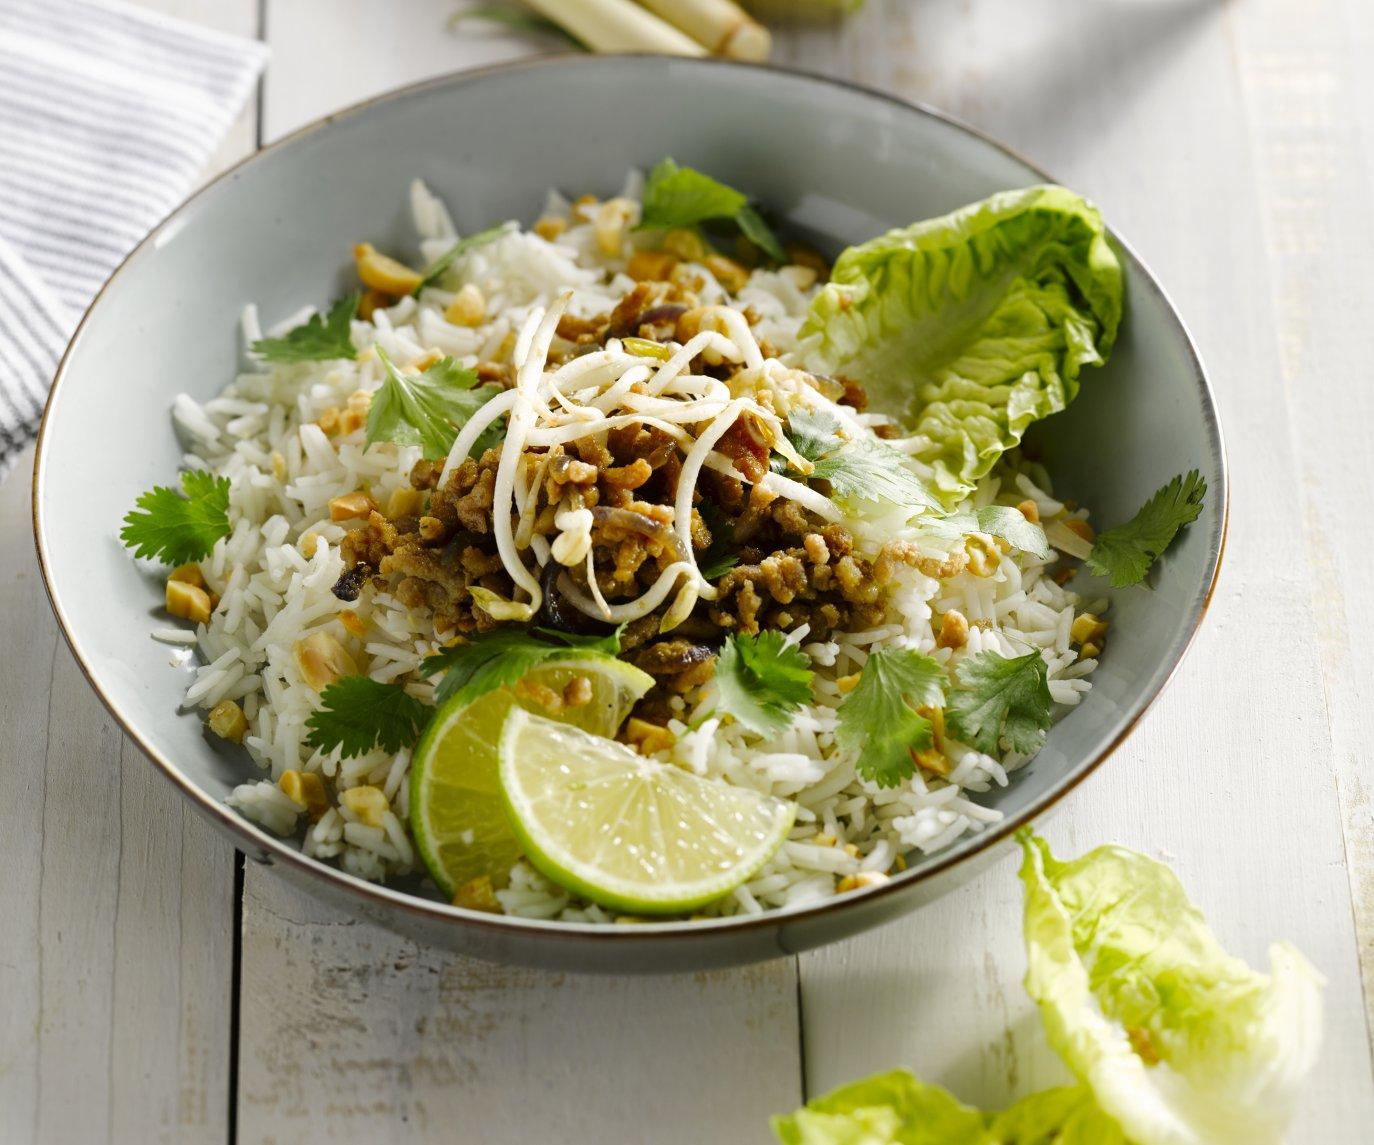 Thaise salade met varkensgehakt en citroengras